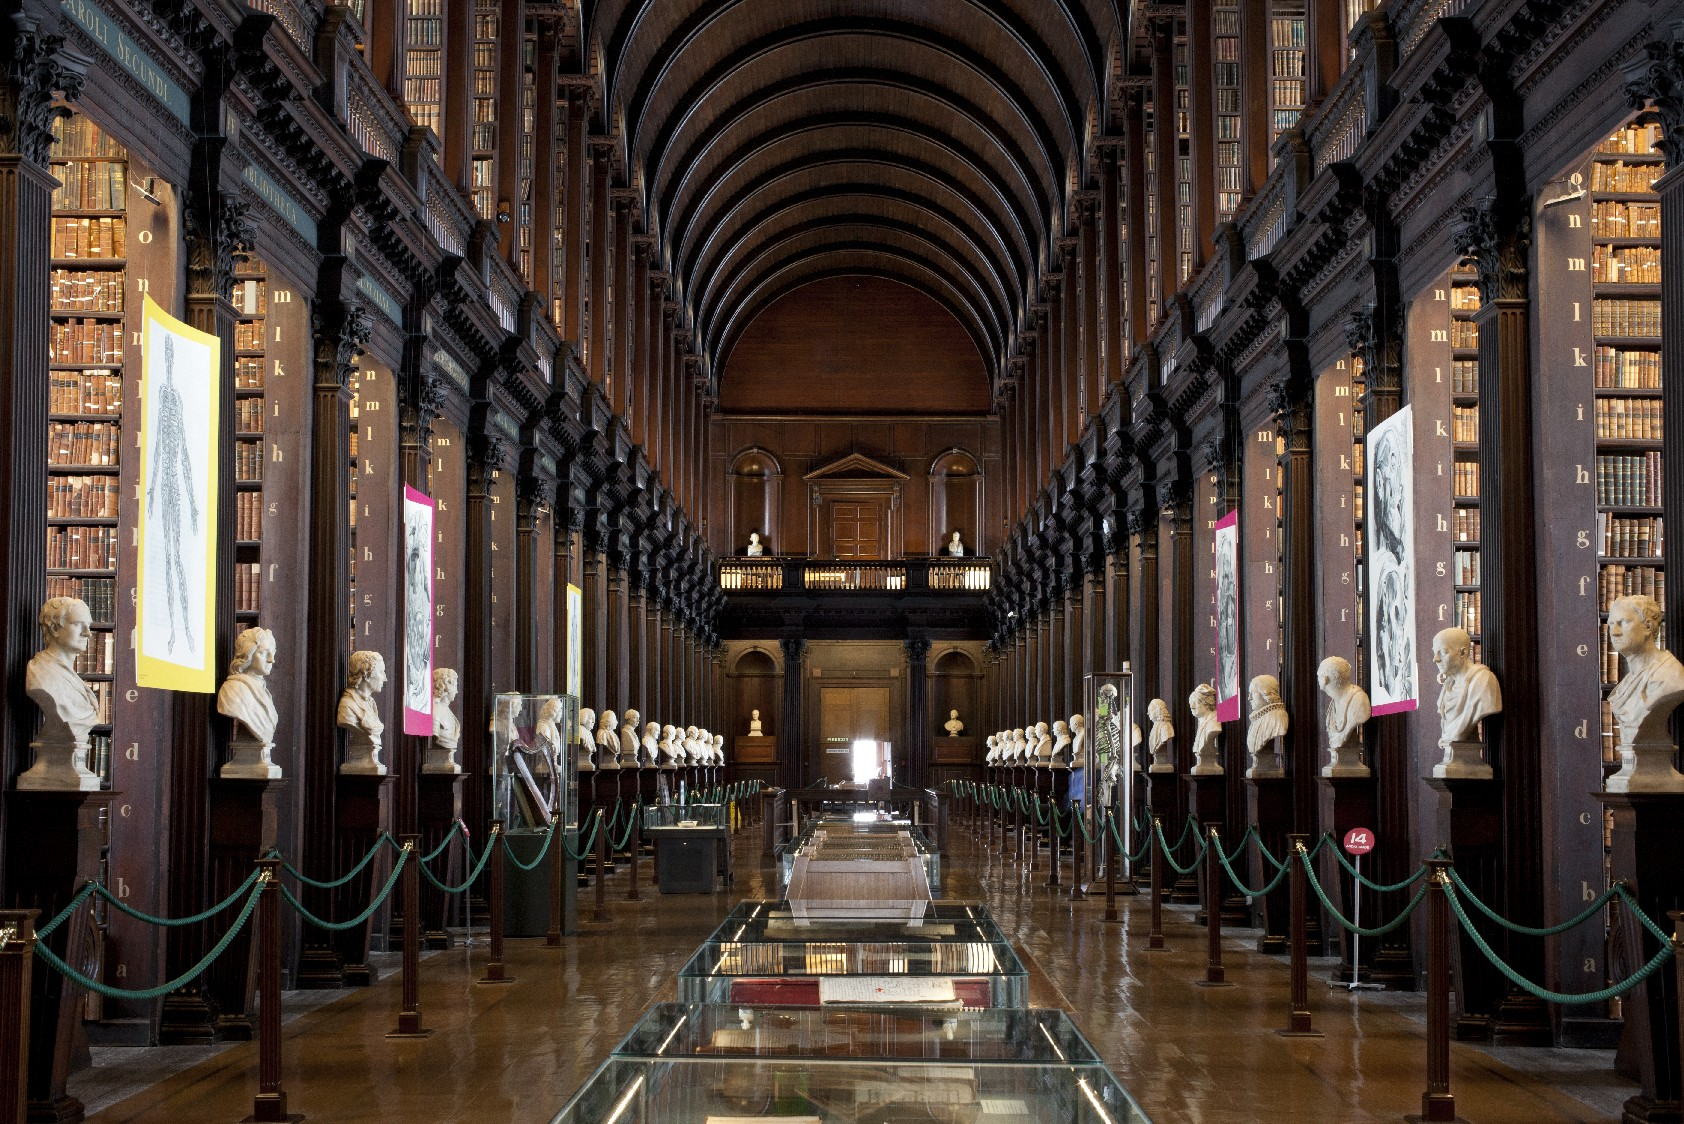 Bustos de filósofos e escritores como Francis Bacon, Isaac Newton e Sócrates podem ser vistos na Long Room, em Dublin (foto: Trinity College Dublin / Gillian Whelen)